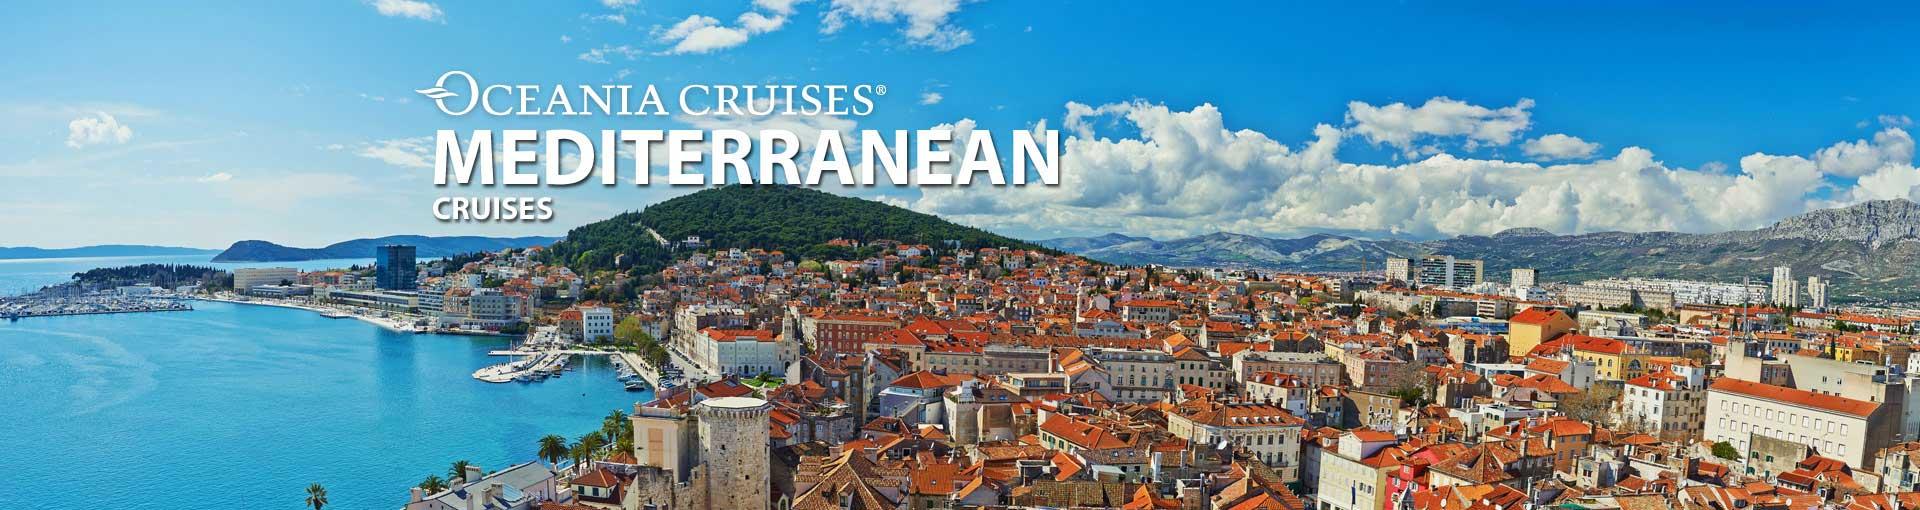 Oceania Cruises Mediterranean Cruises